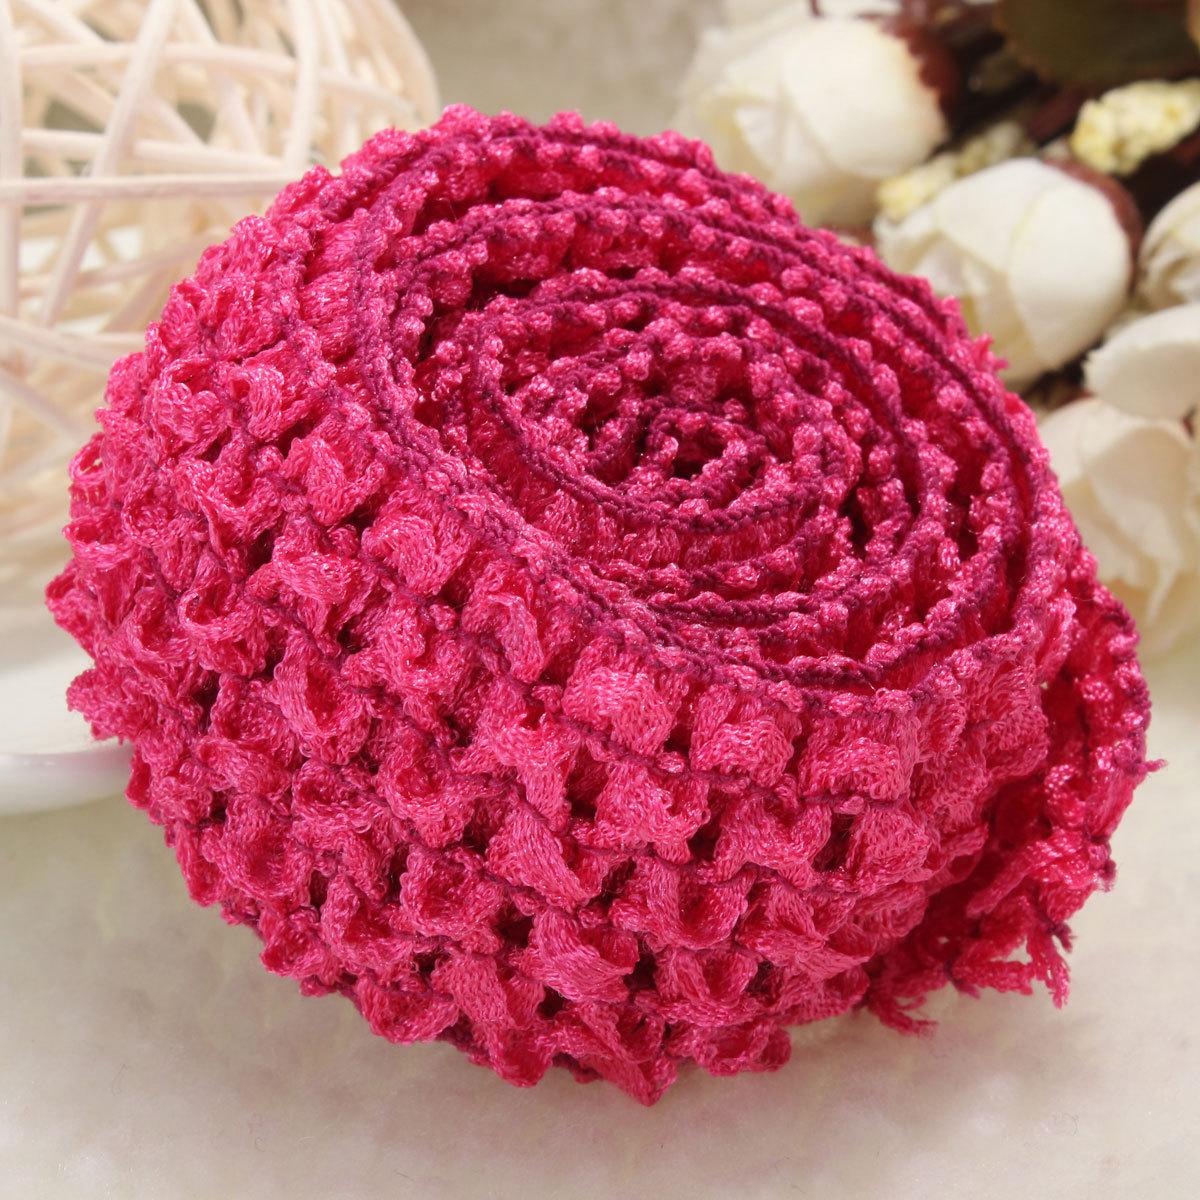 Crochet Elastic Hair Band : about 1.5 Crochet Elastic Stretchy Waistband Headband Hair Band ...